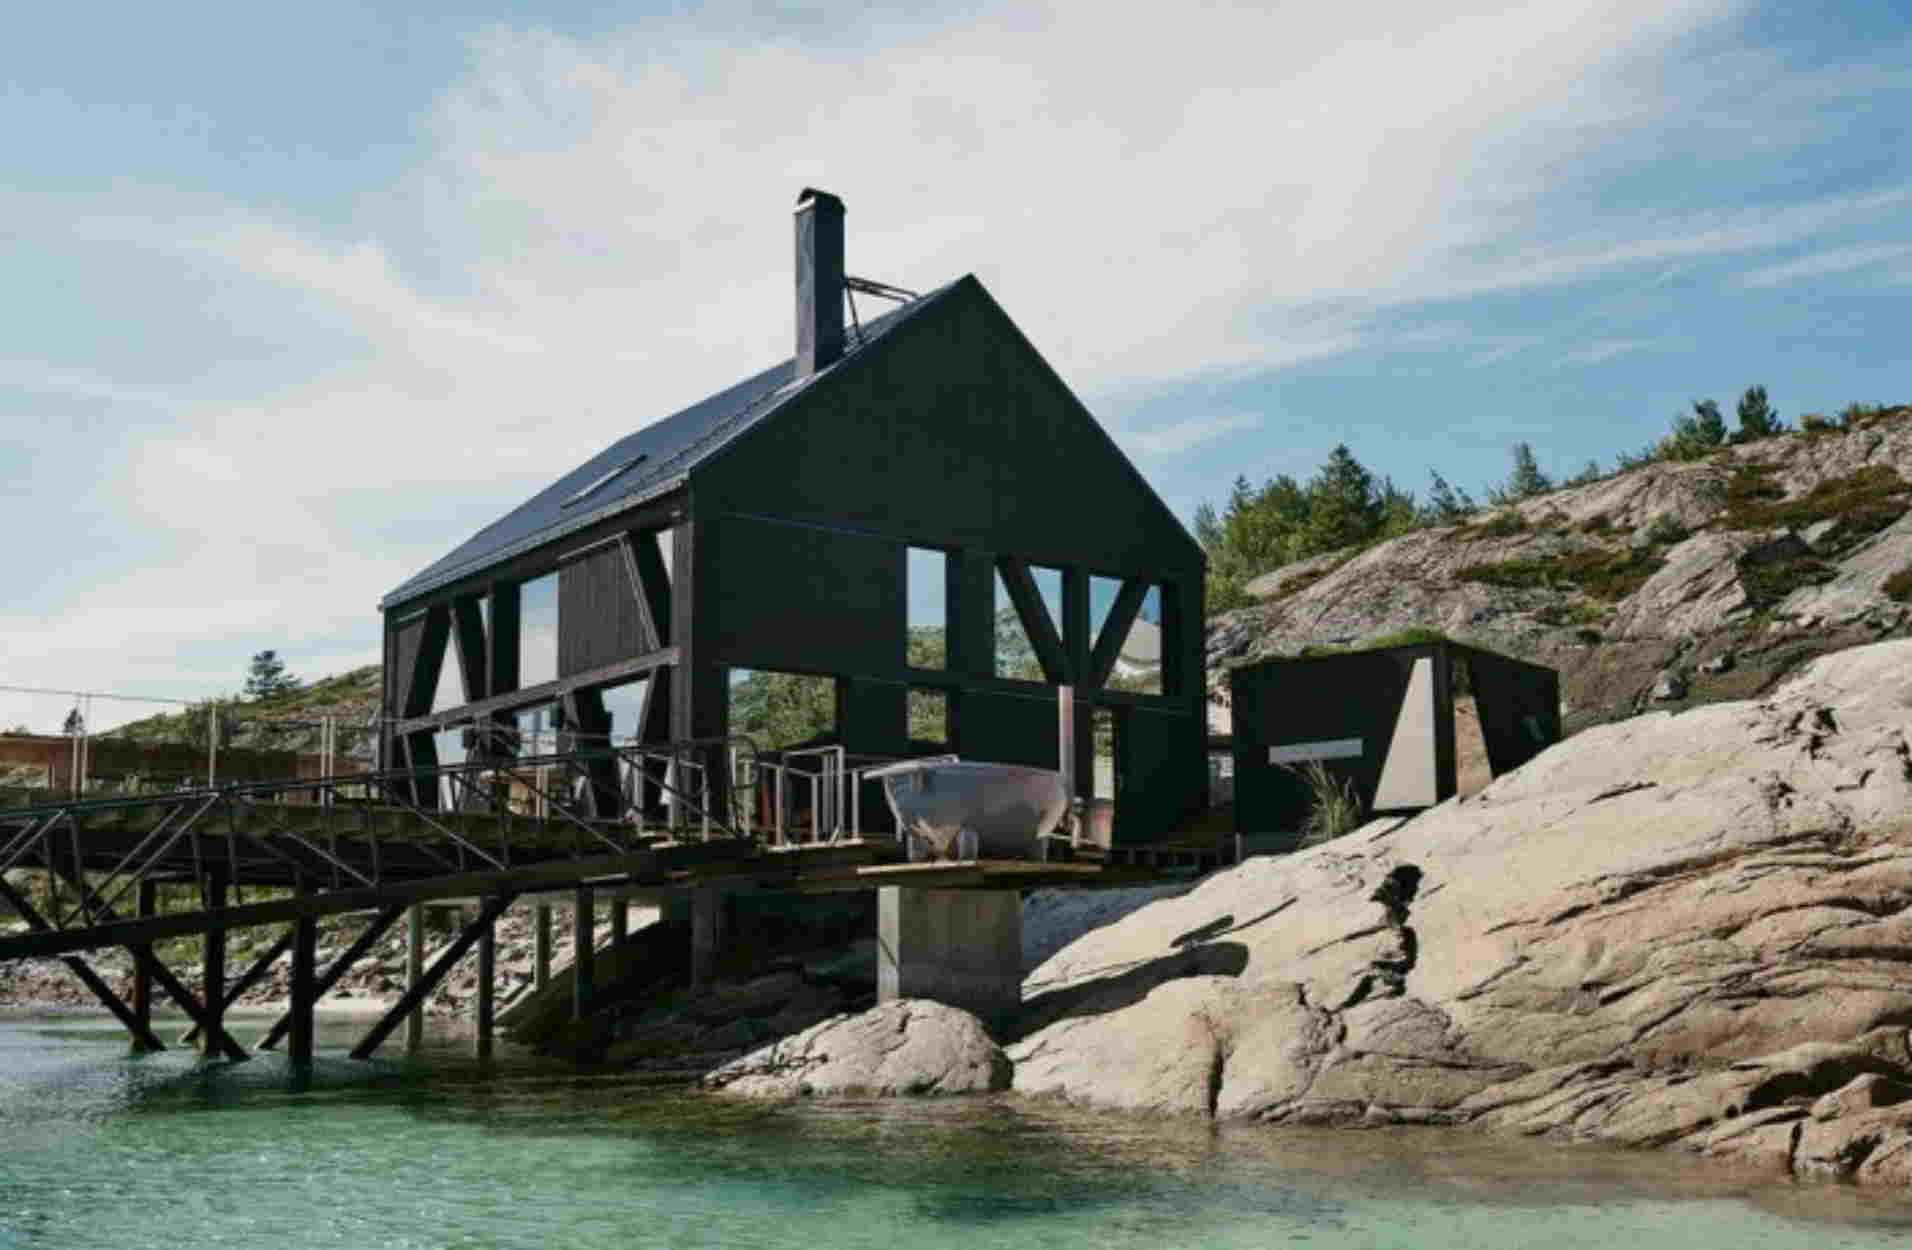 Ένα καταφύγιο στην Νορβηγία για όσους θέλουν να ζήσουν μια μοναδική εμπειρία!